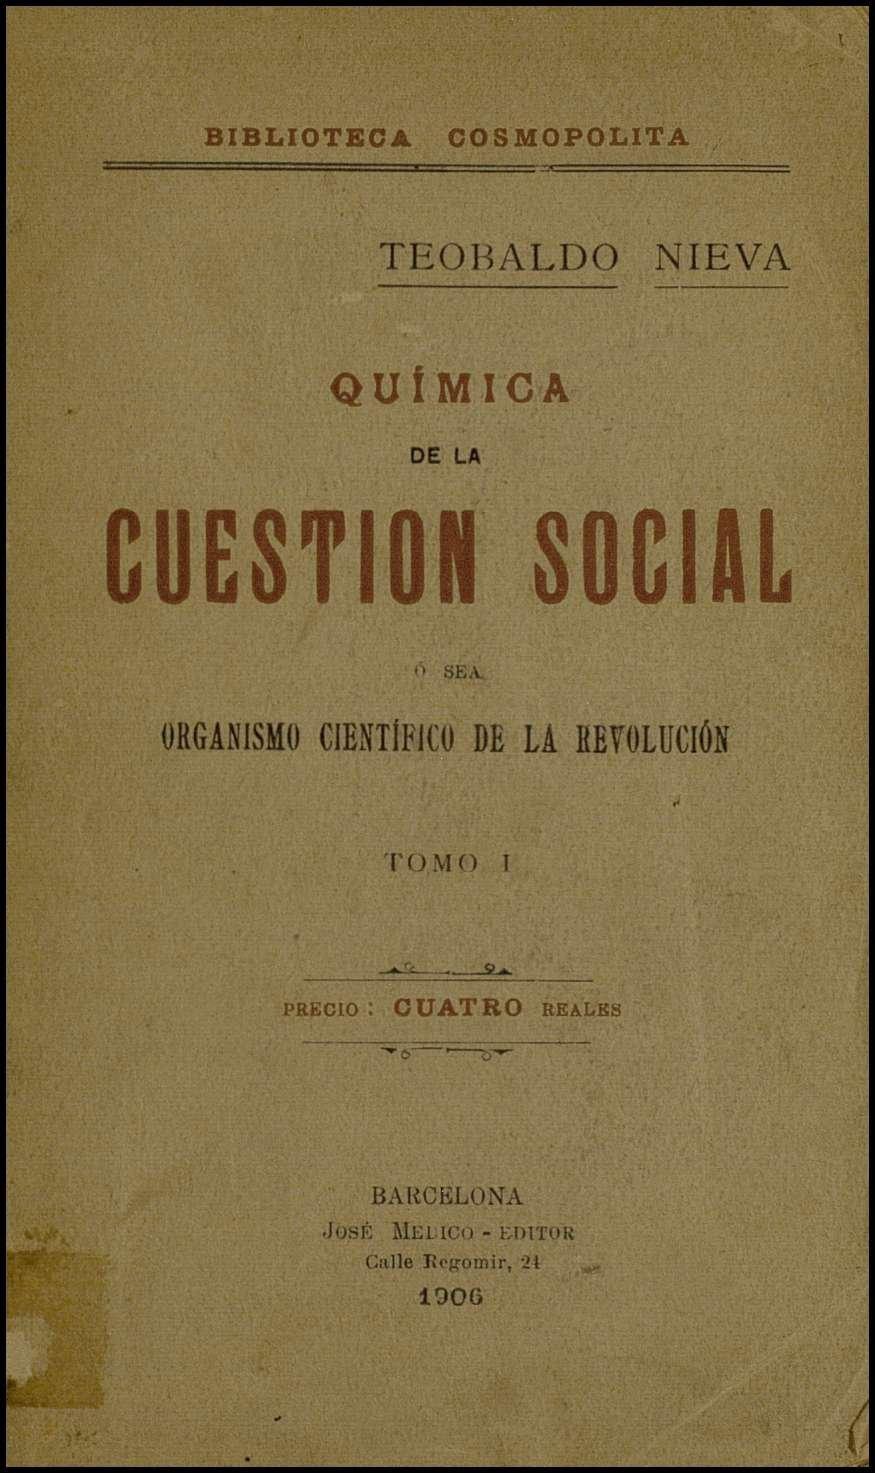 Química de la cuestión social : Organismo científico de la revolución (vol I)